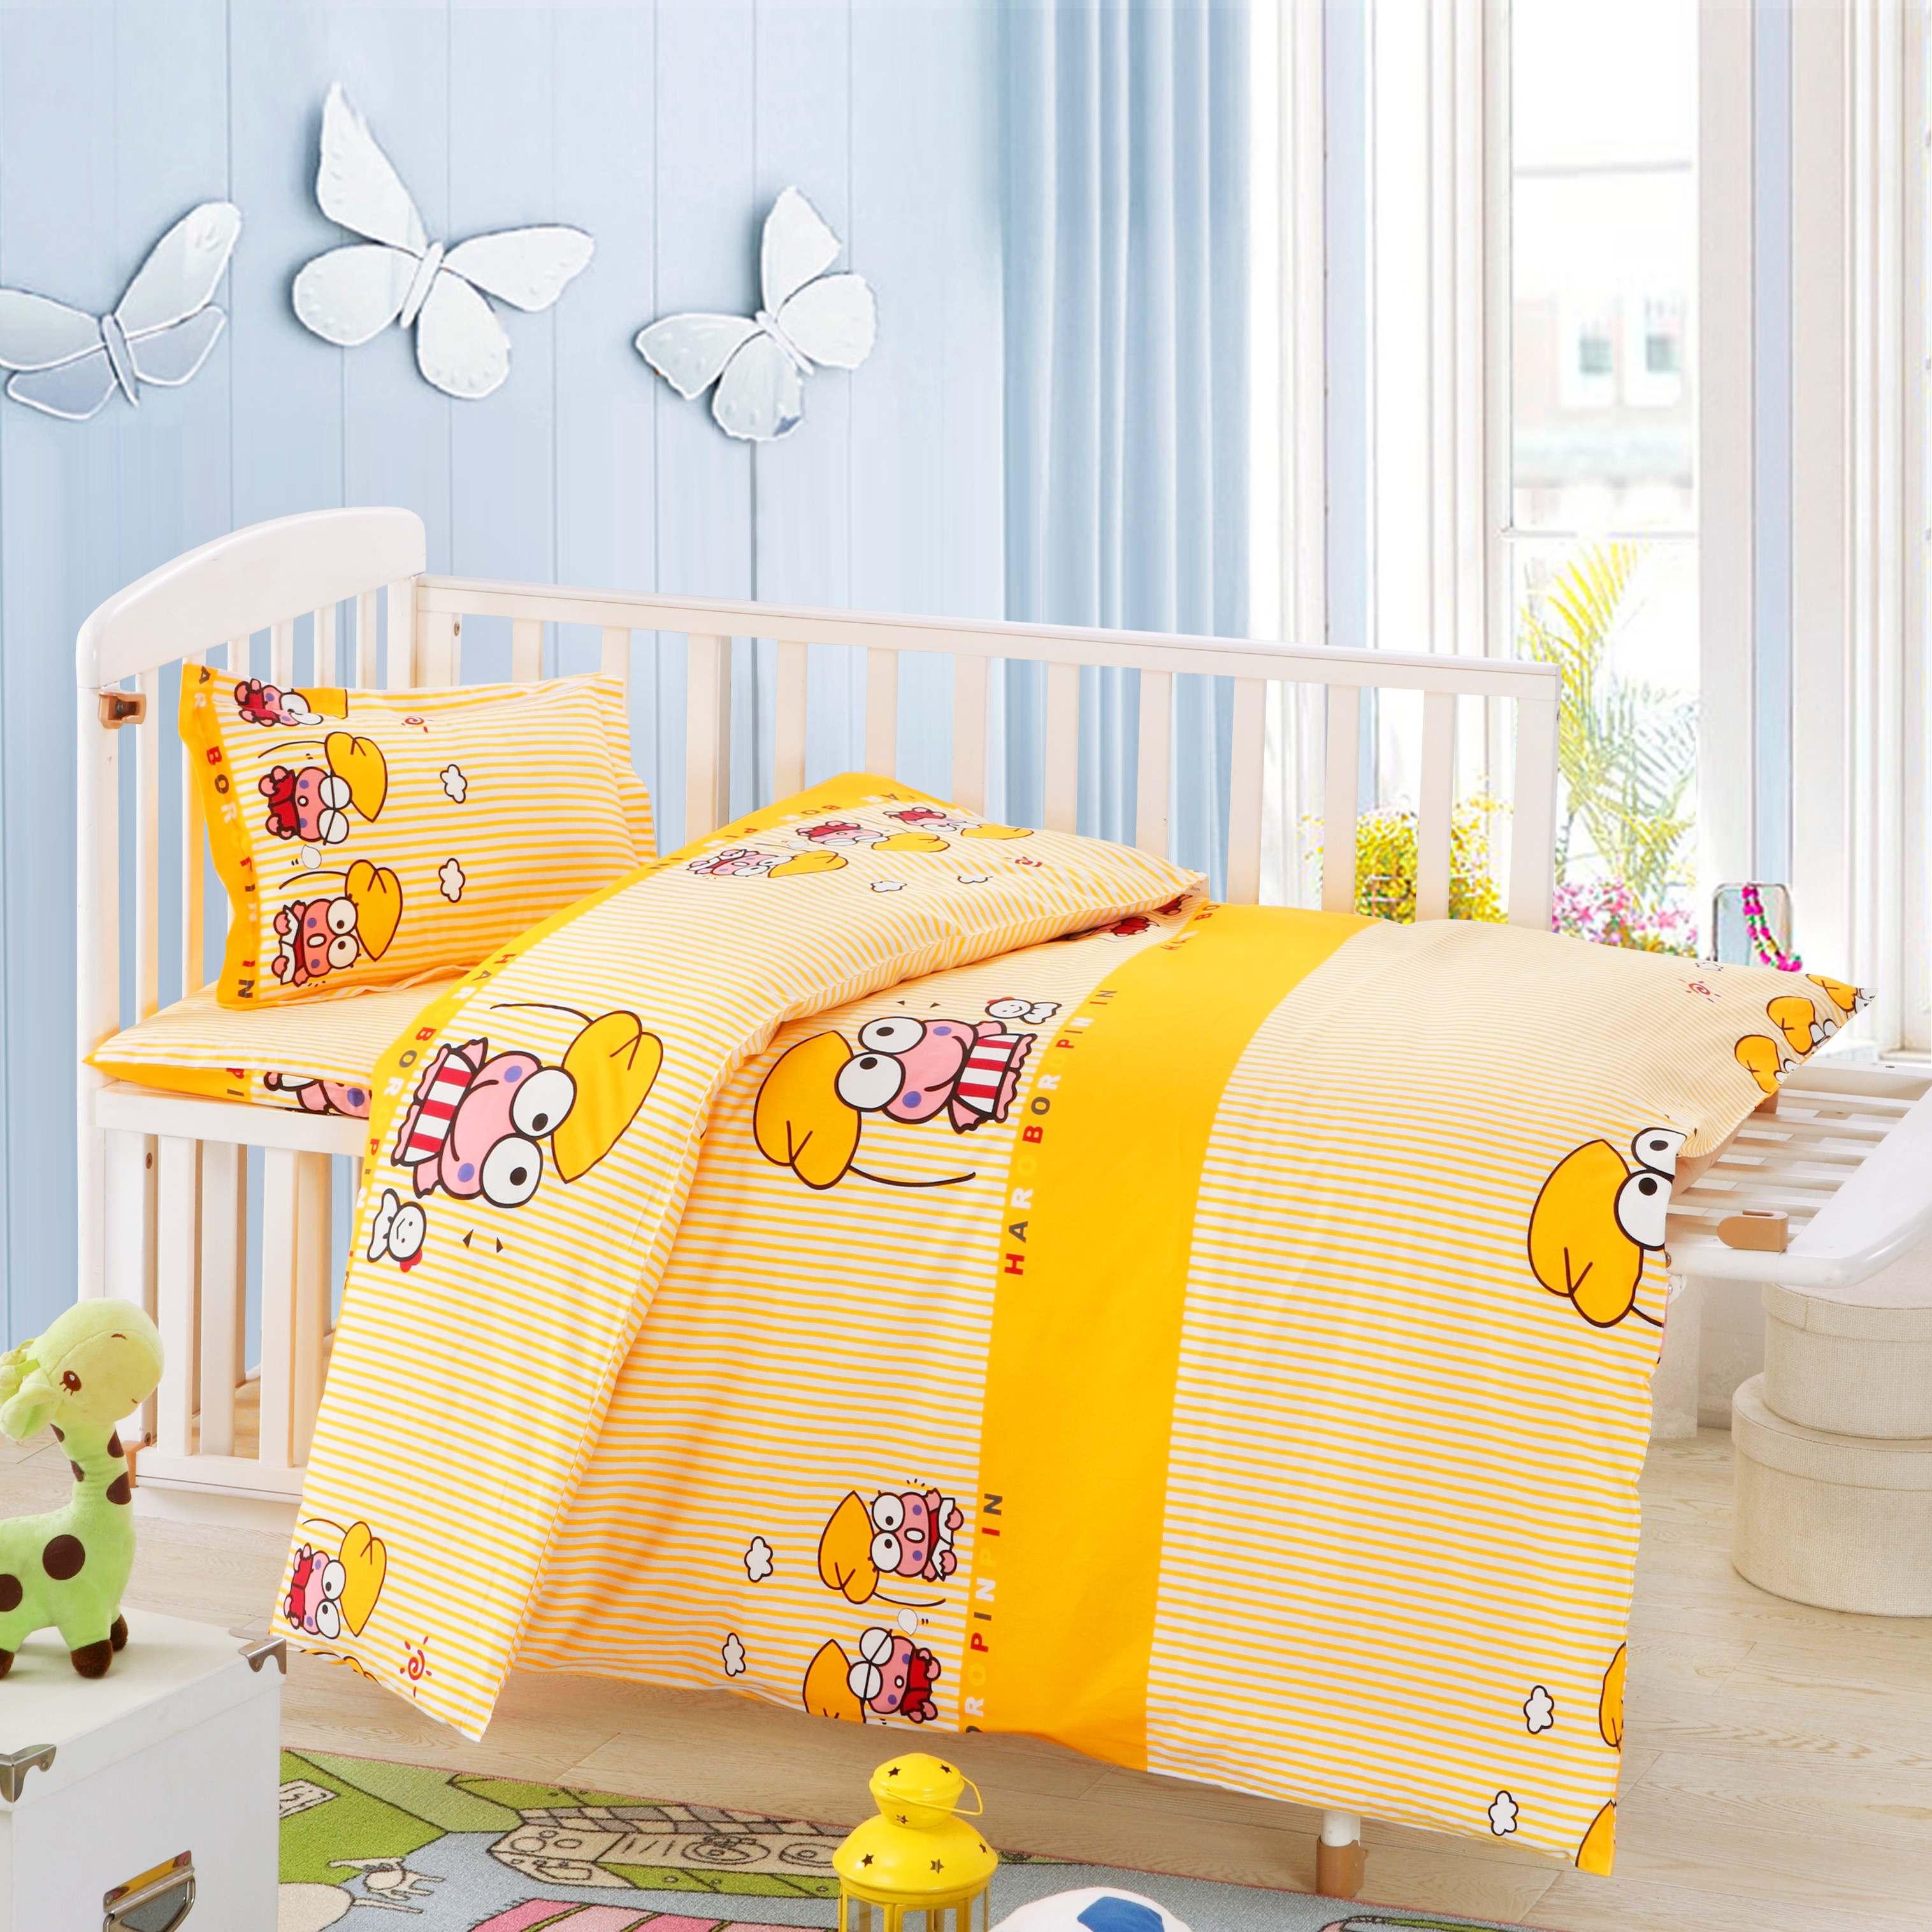 【幼儿园软包背景墙图片大全】幼儿园软包背景墙图片